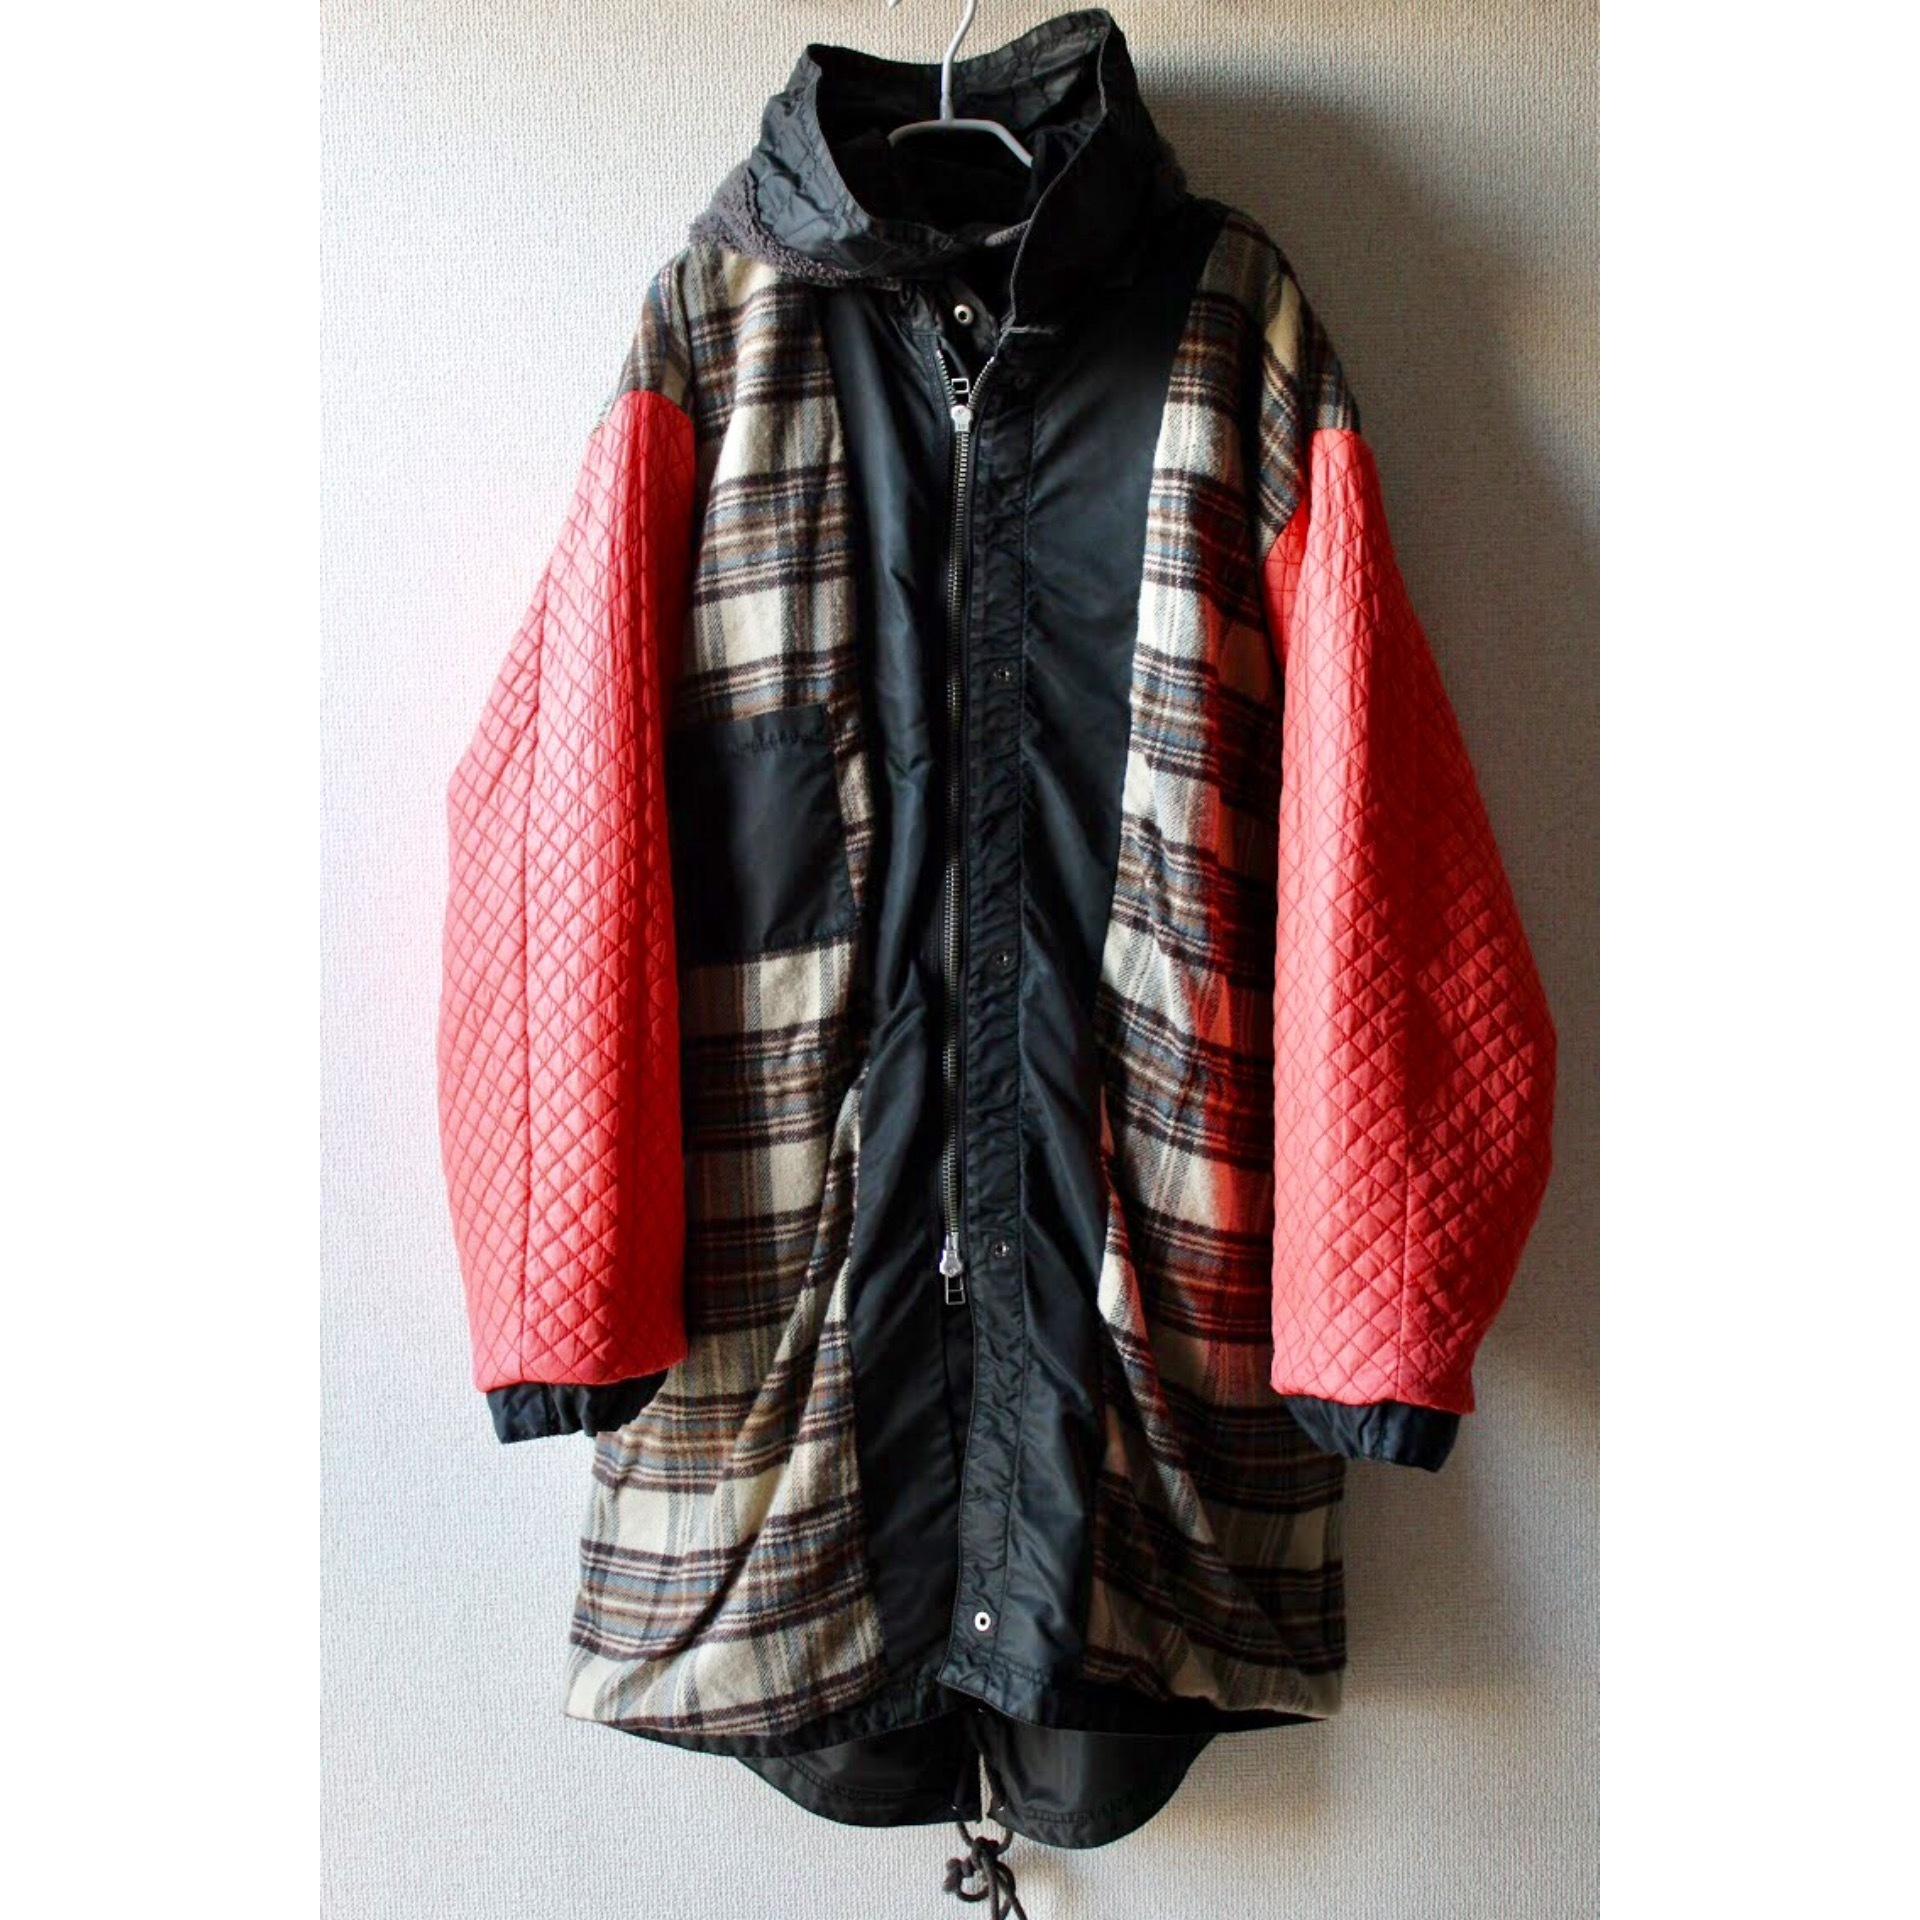 Vintage M-65 type hooded coat